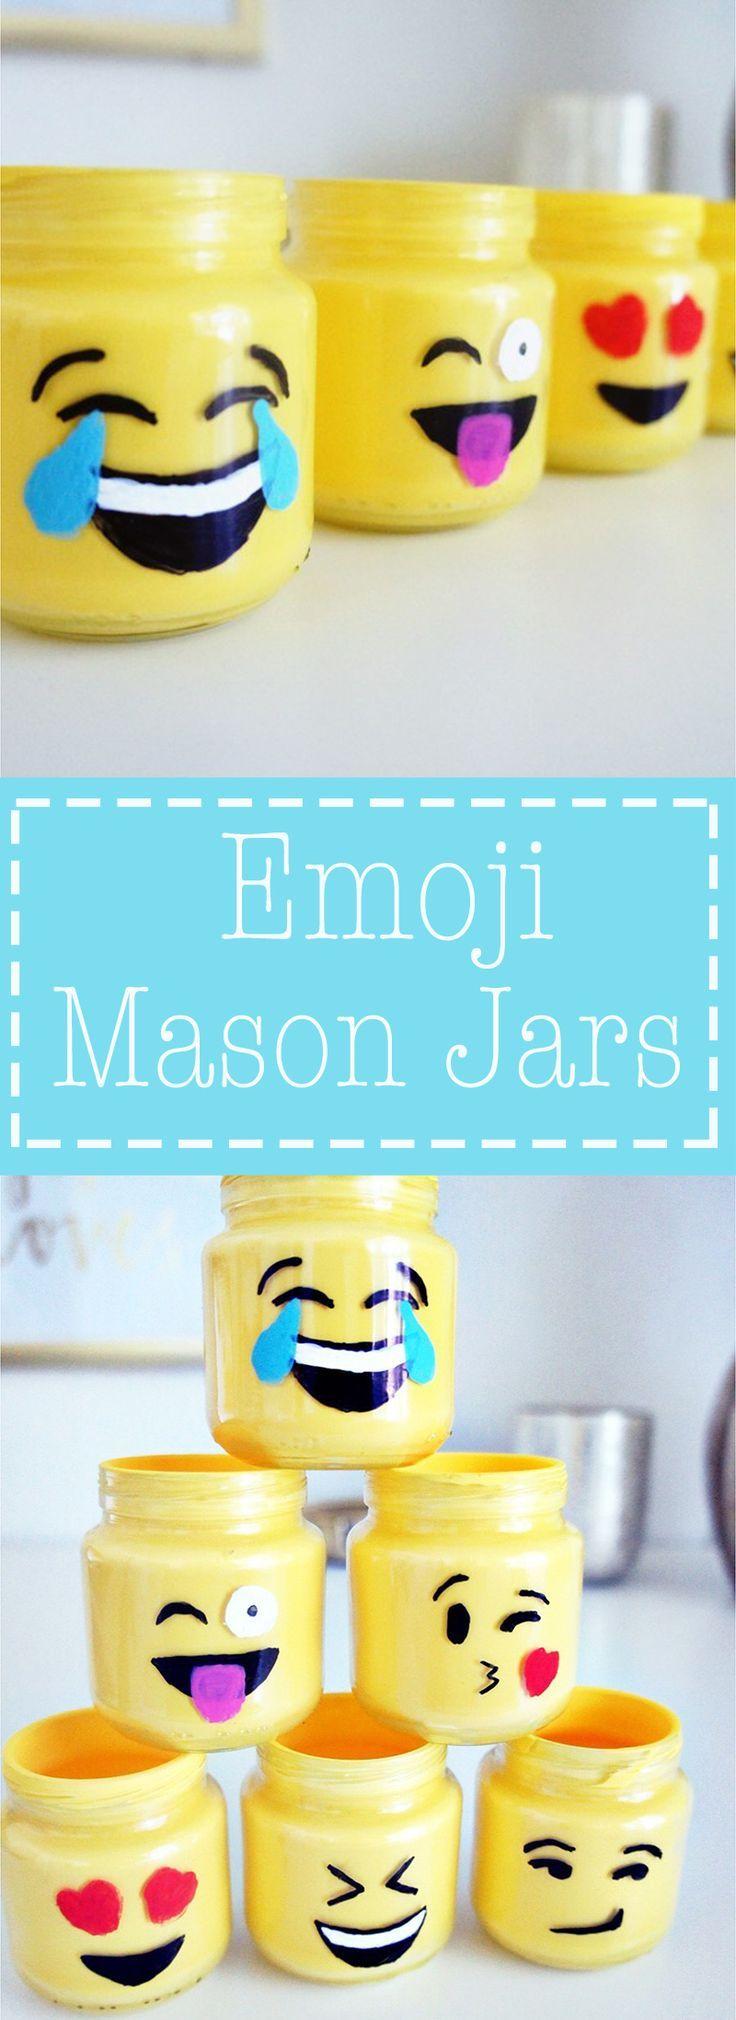 Simple diy emoji mason jars! Made out of baby food jars. Idéia: fazer carinhas de lego em potes de papinha